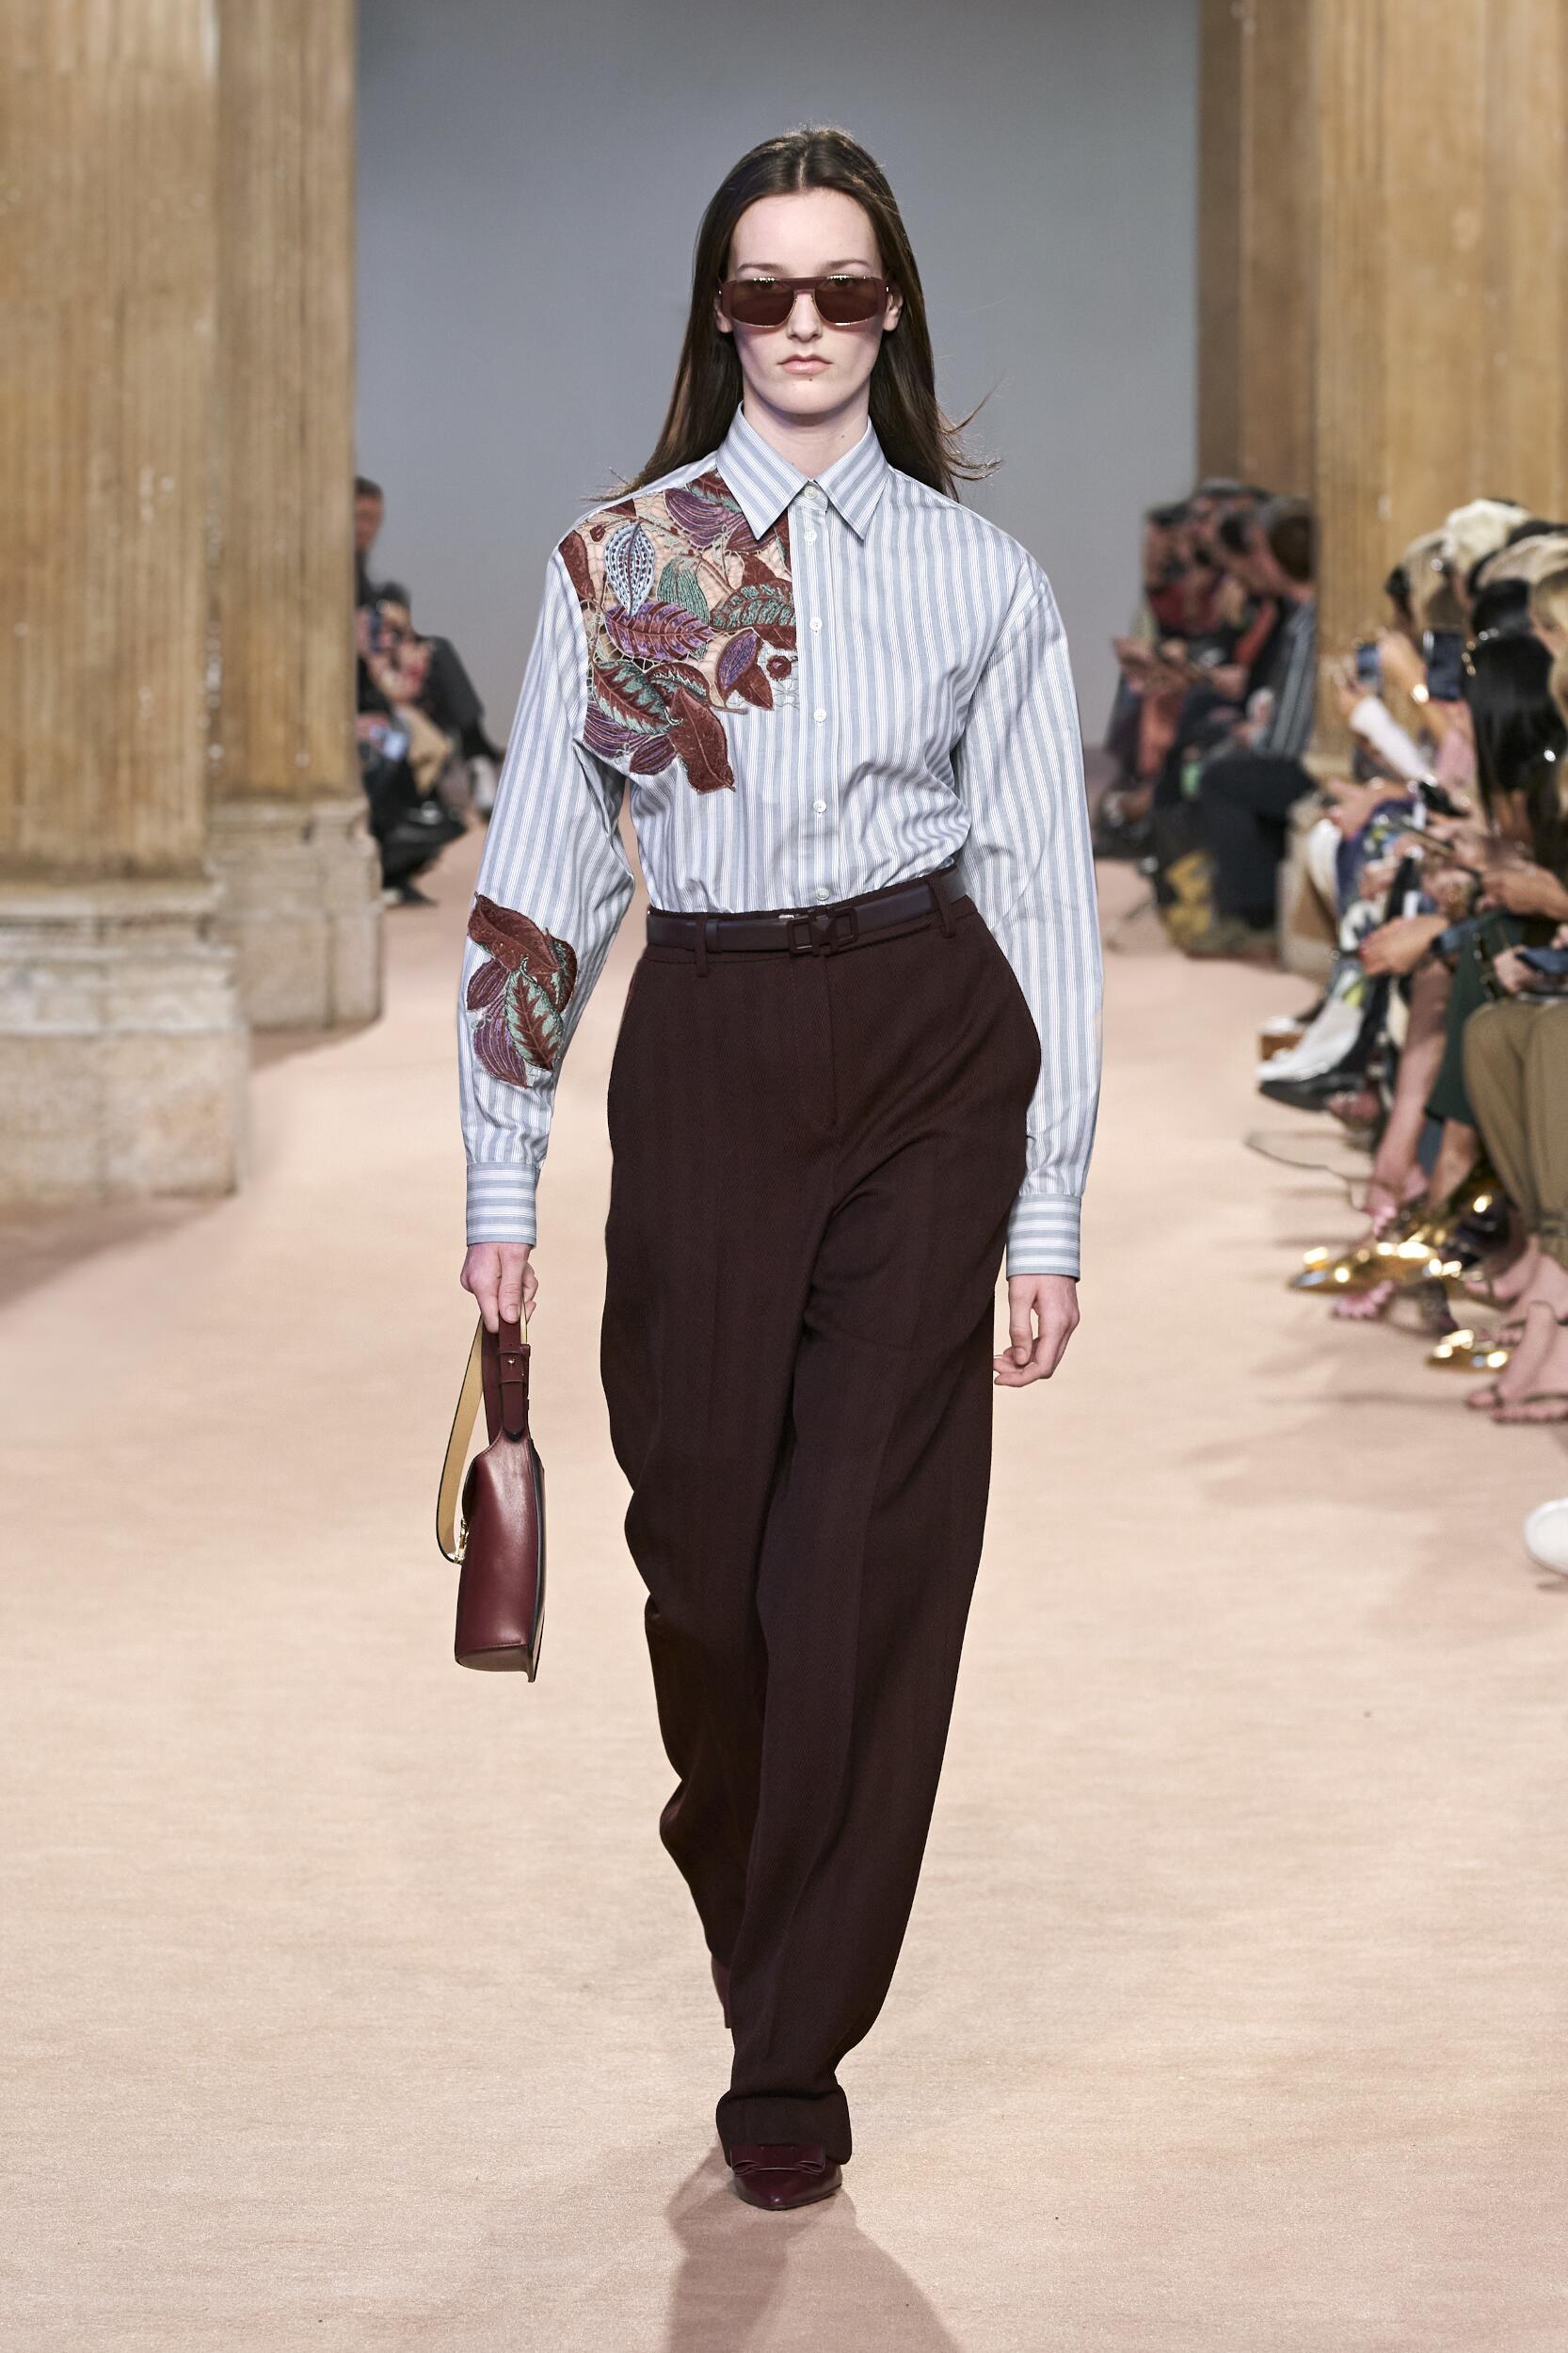 Catwalk Salvatore Ferragamo Woman Fashion Show Winter 2020